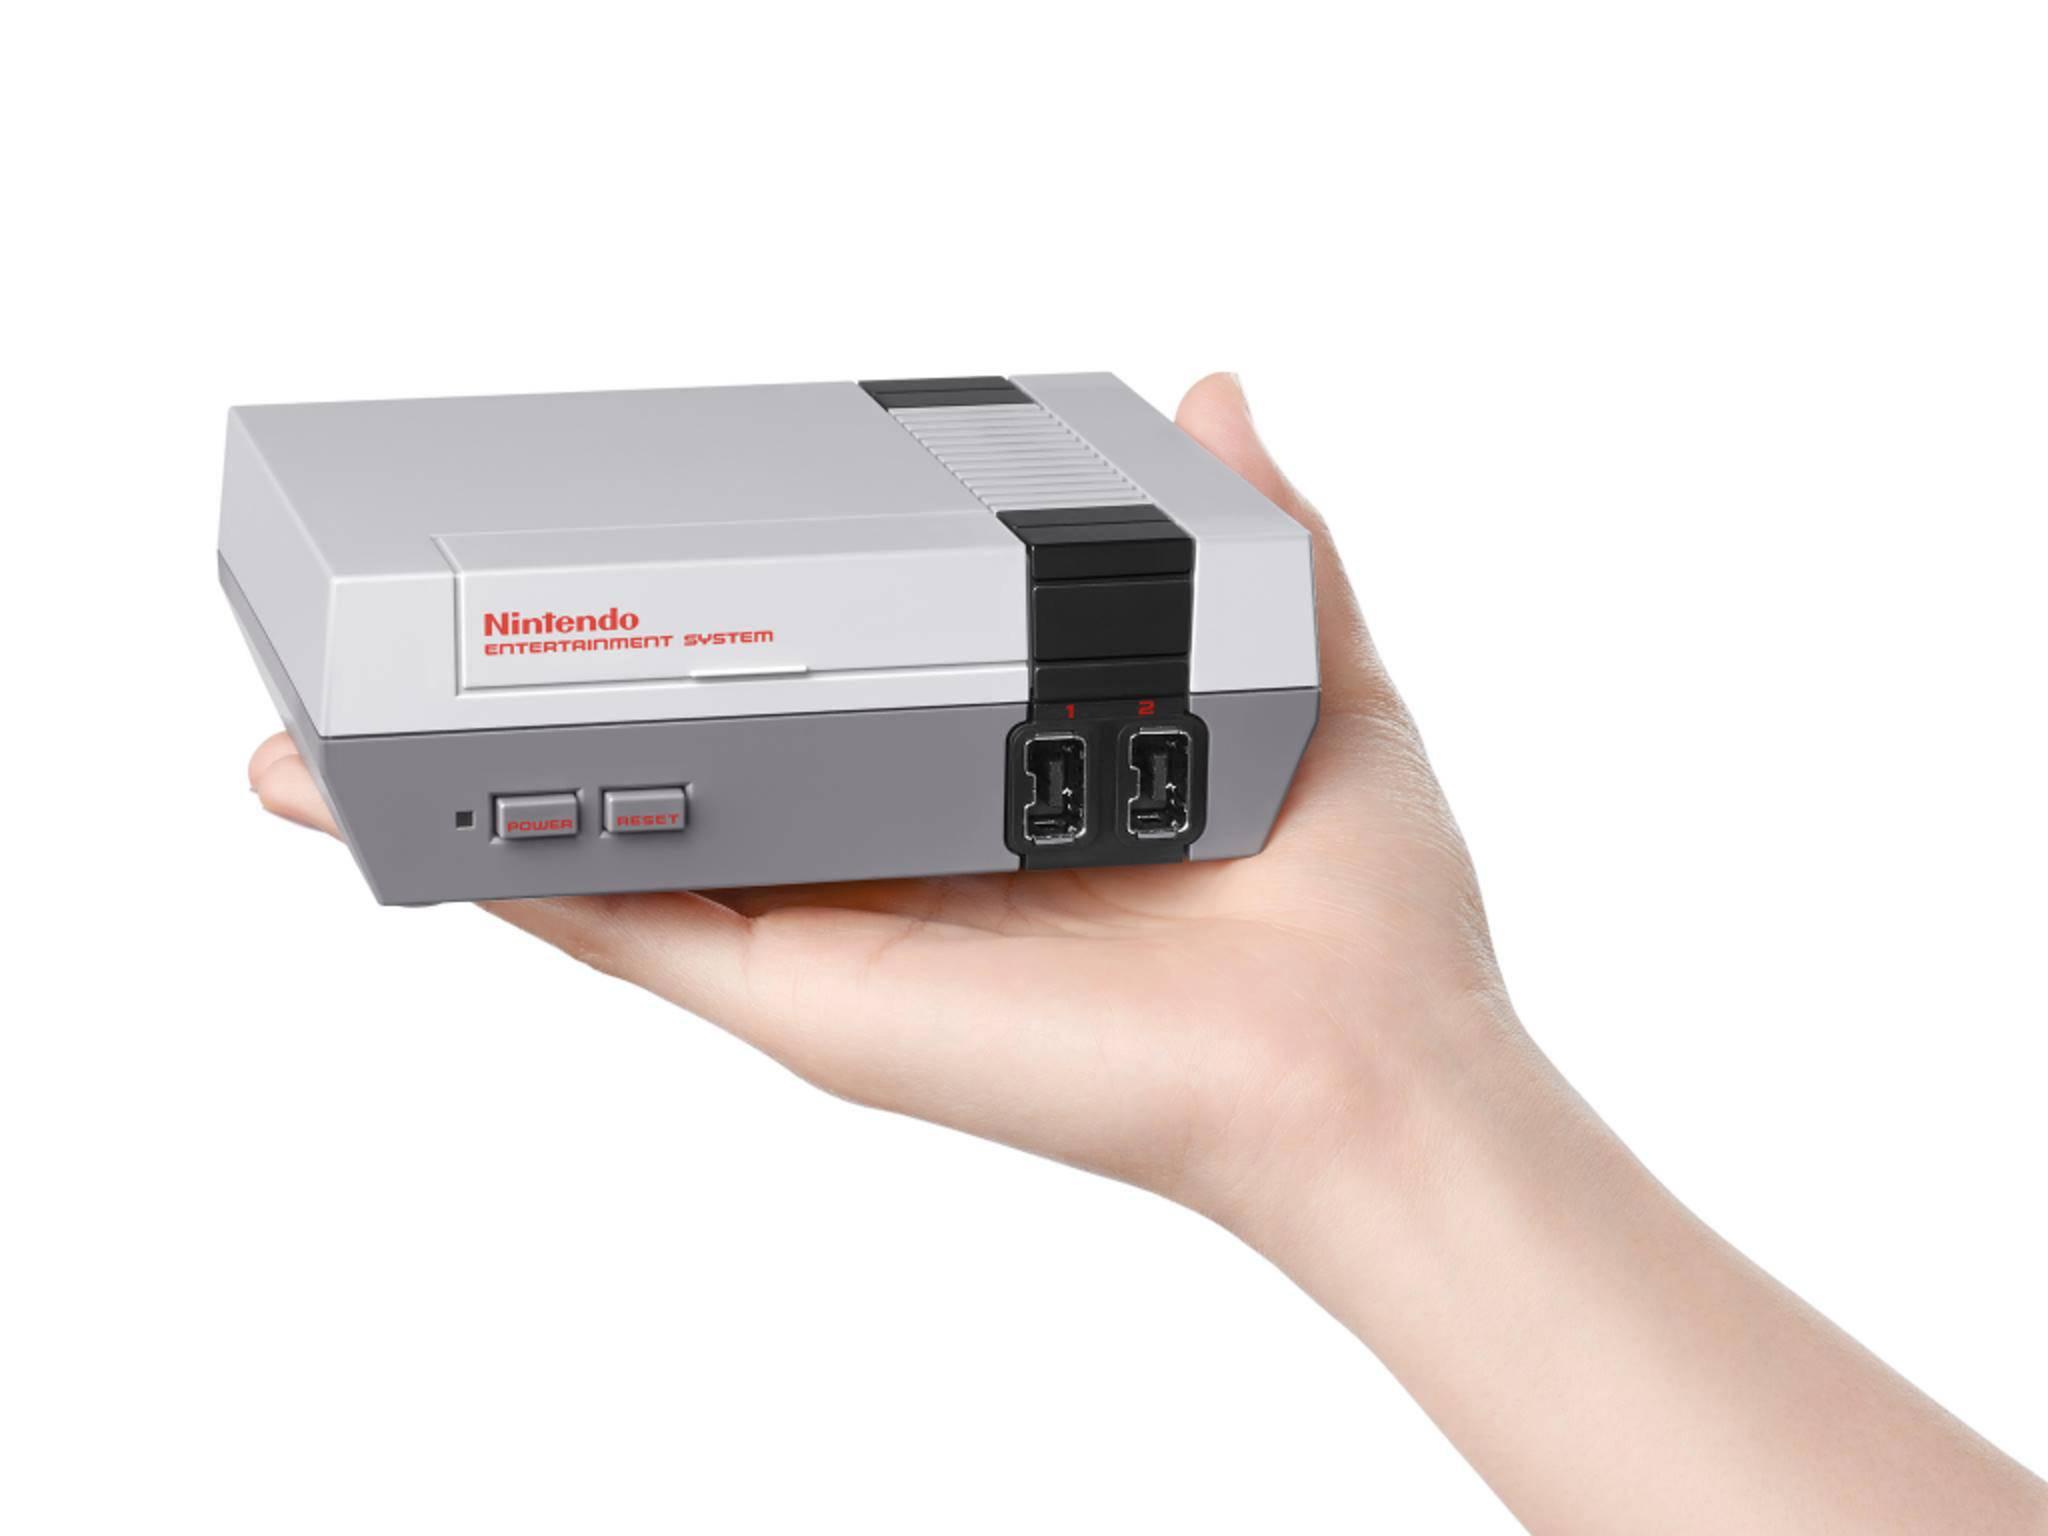 Die Classic Edition des NES passt bequem in eine Hand.